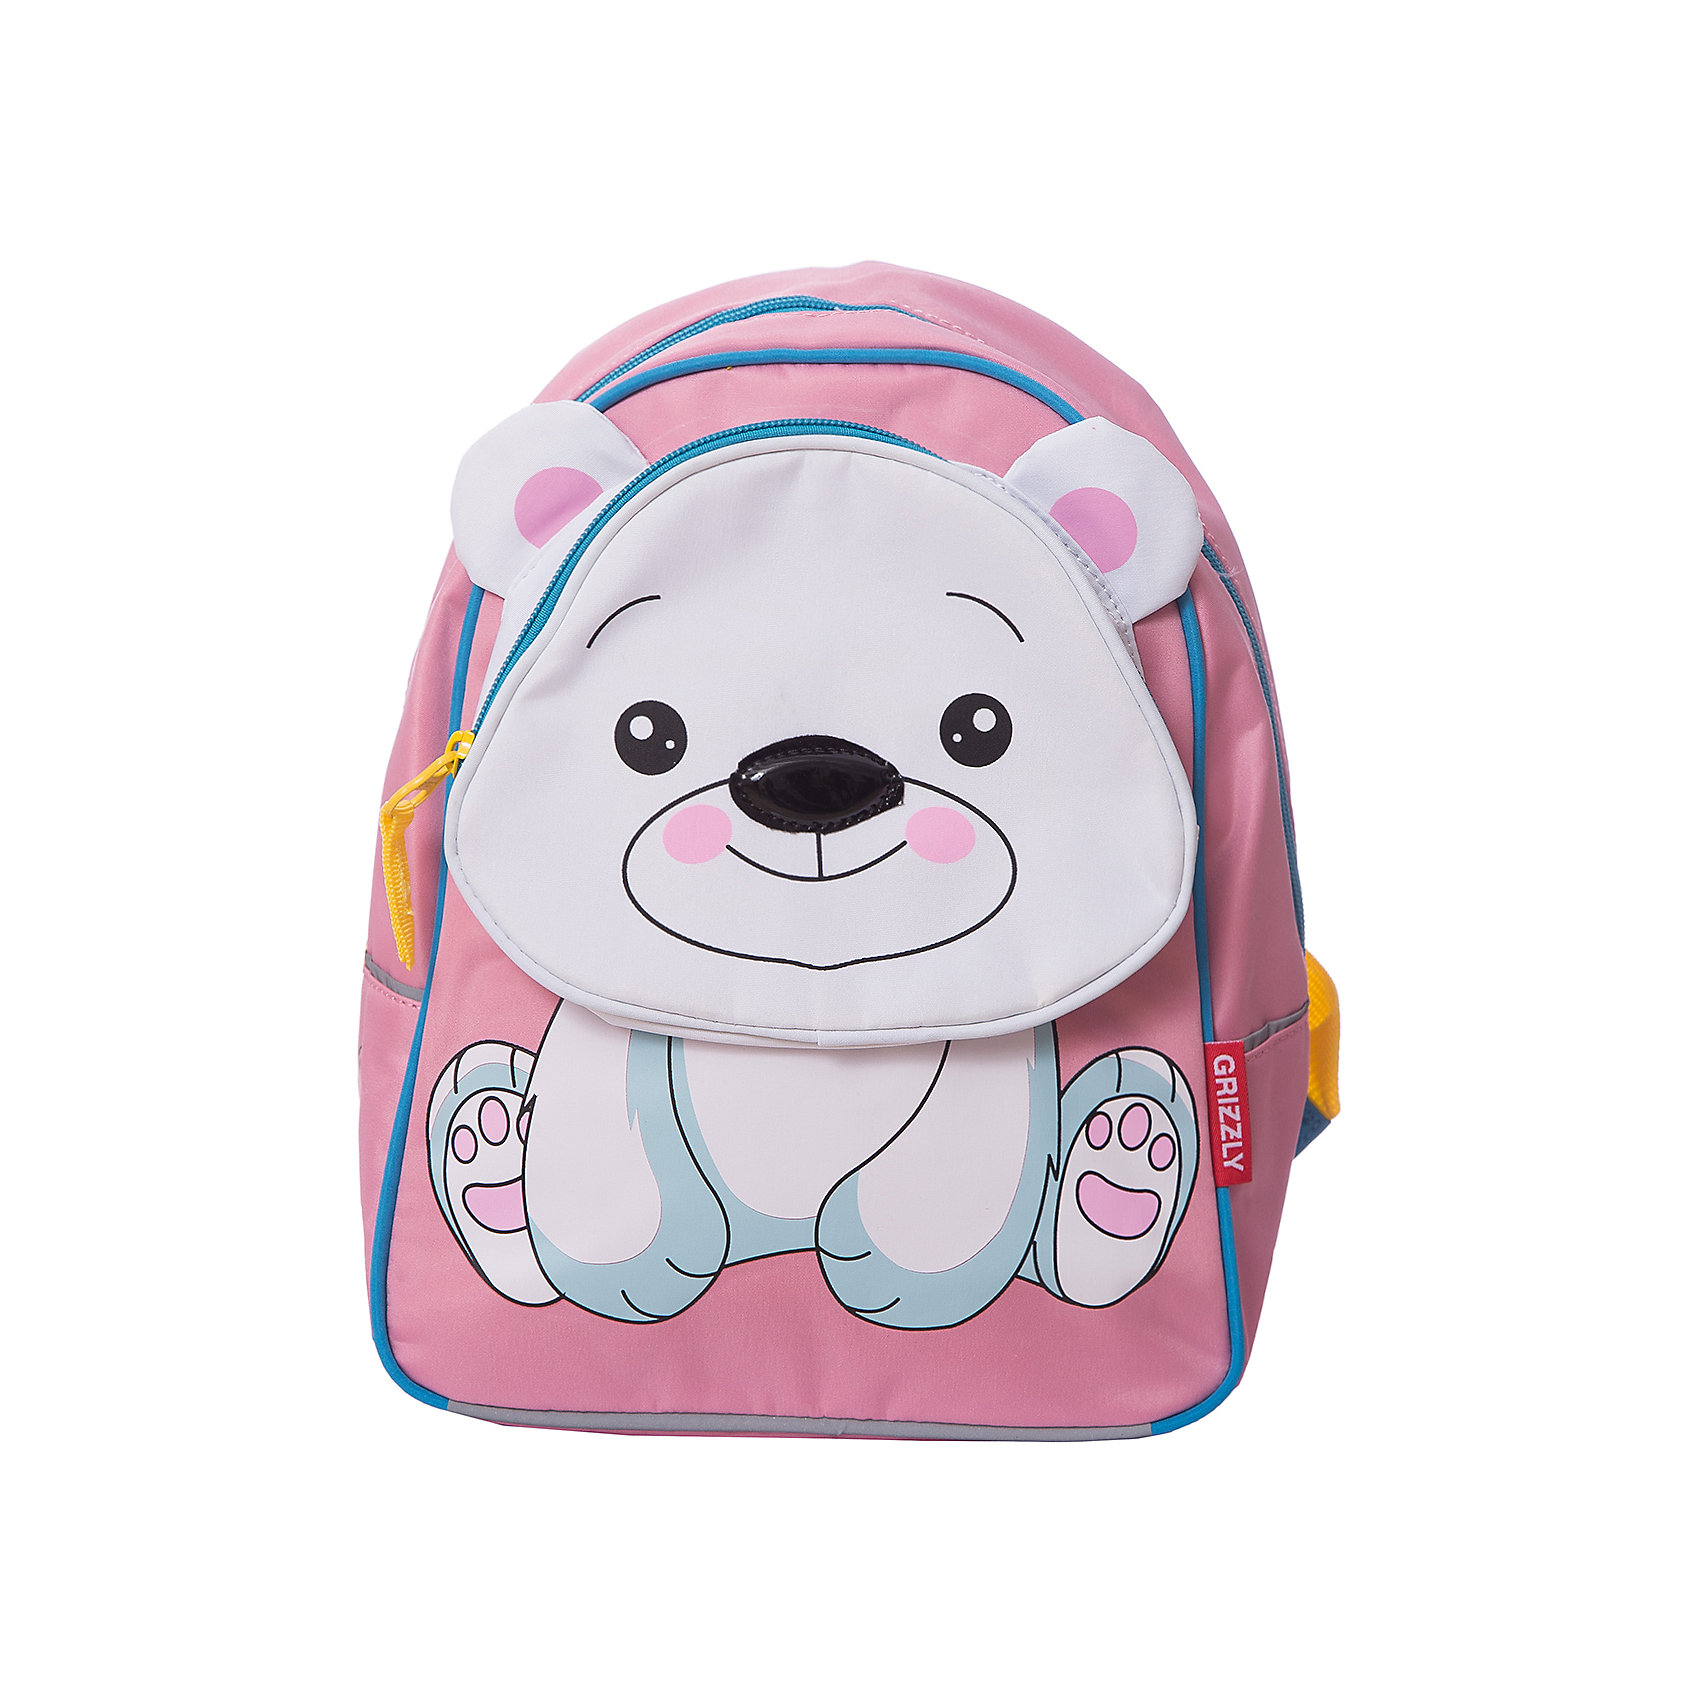 Grizzly Рюкзак детский МедведьДетские рюкзаки<br>Детский рюкзак, Медведь, Grizzly (Гризли) ? рюкзак отечественного бренда Гризли детской серии. Легкий по весу, прочный, рюкзак учитывает все анатомические и возрастные особенности детей дошкольного возраста. Все рюкзаки детской серии ортопедические, с укрепленной спинкой и широкими регулируемыми под рост ребенка лямками, что защищает от развития искривления позвоночника.<br>Детский рюкзак, Медведь, Grizzly (Гризли) изготовлен из микрофибры, отличительными свойствами которой является способность сохранять форму, устойчивость к загрязнениям и повреждениям. За рюкзаком из микрофибры легко ухаживать: его можно стирать, он быстро высыхает, при частых стирках не теряет форму и цвет.<br>Детские рюкзаки Grizzly (Гризли) отличаются ярким дизайном, оригинальными цветовыми решениями как самого рюкзака, так и его  элементов: декоративные застежки-молнии, швы, выполненные цветными капроновыми нитками, обеспечивают качество и надежность эксплуатации.<br>Все рюкзаки детской серии многофункциональны и удобны: их можно брать с собой на прогулку, на спортивные и творческие занятия. Детям, которые готовятся к школе, рюкзак станет обязательным атрибутом подготовки к школьной жизни.<br>Детский рюкзак, Медведь, Grizzly (Гризли) состоит из одного вместительного отделения и внутреннего кармана, на передней стенке имеется объемный карман на молнии. Для обеспечения безопасности передвижения ребенка в темное время суток рюкзак с четырех сторон оснащен светоотражающими элементами. Передний карман - в форме забавного медвежонка. Детский рюкзак, Медведь, Grizzly (Гризли) ? это качество материалов, безопасность, стиль и долговечность. <br><br><br>Дополнительная информация:<br><br>- Вес: 340 г<br>- Габариты (Д*Г*В): 24*12*30 см<br>- Цвет: оранжевый, зеленый, черный, белый<br>- Материал: микрофибра <br>- Сезон: круглый год<br>- Коллекция: детская <br>- Год коллекции: 2016 <br>- Пол: девочки/мальчики<br>- Предназначение: для прогулок, для посещения сп